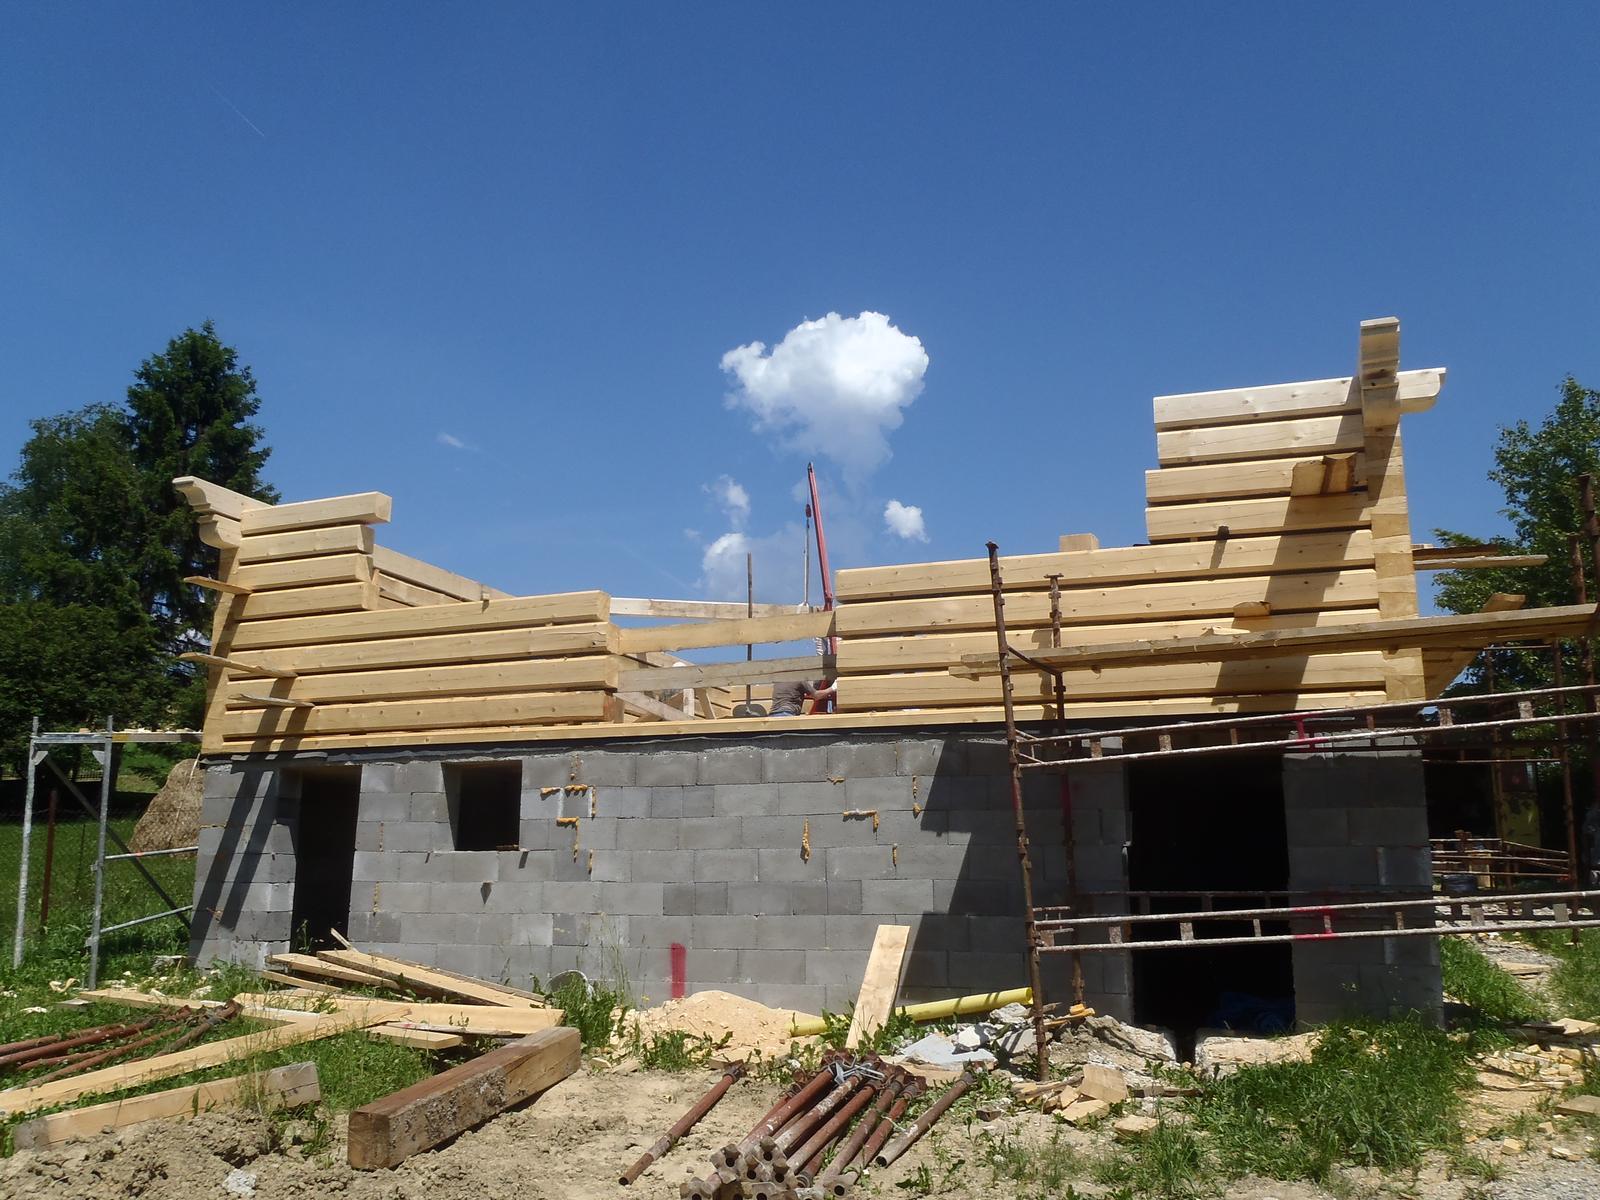 Náš veľký sen o drevenom domčeku! - Obrázok č. 83